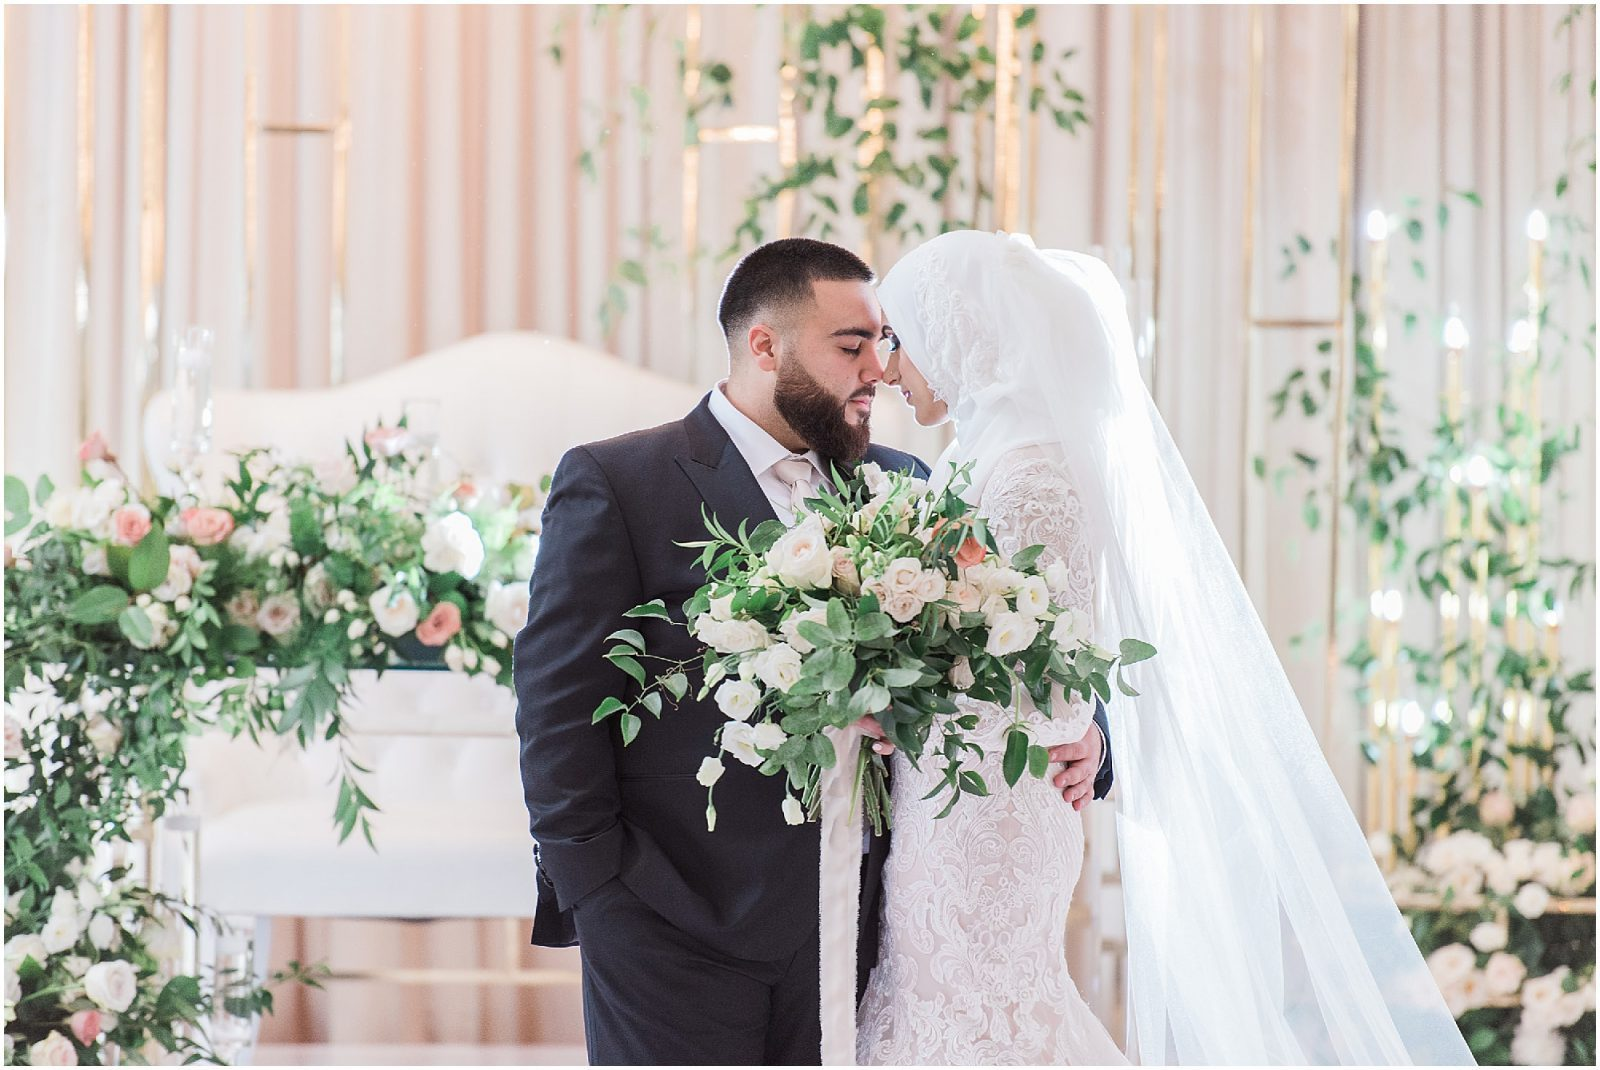 orchard view wedding ottawa - lush green, luxury wedding ottawa - muslim bride, arab bride